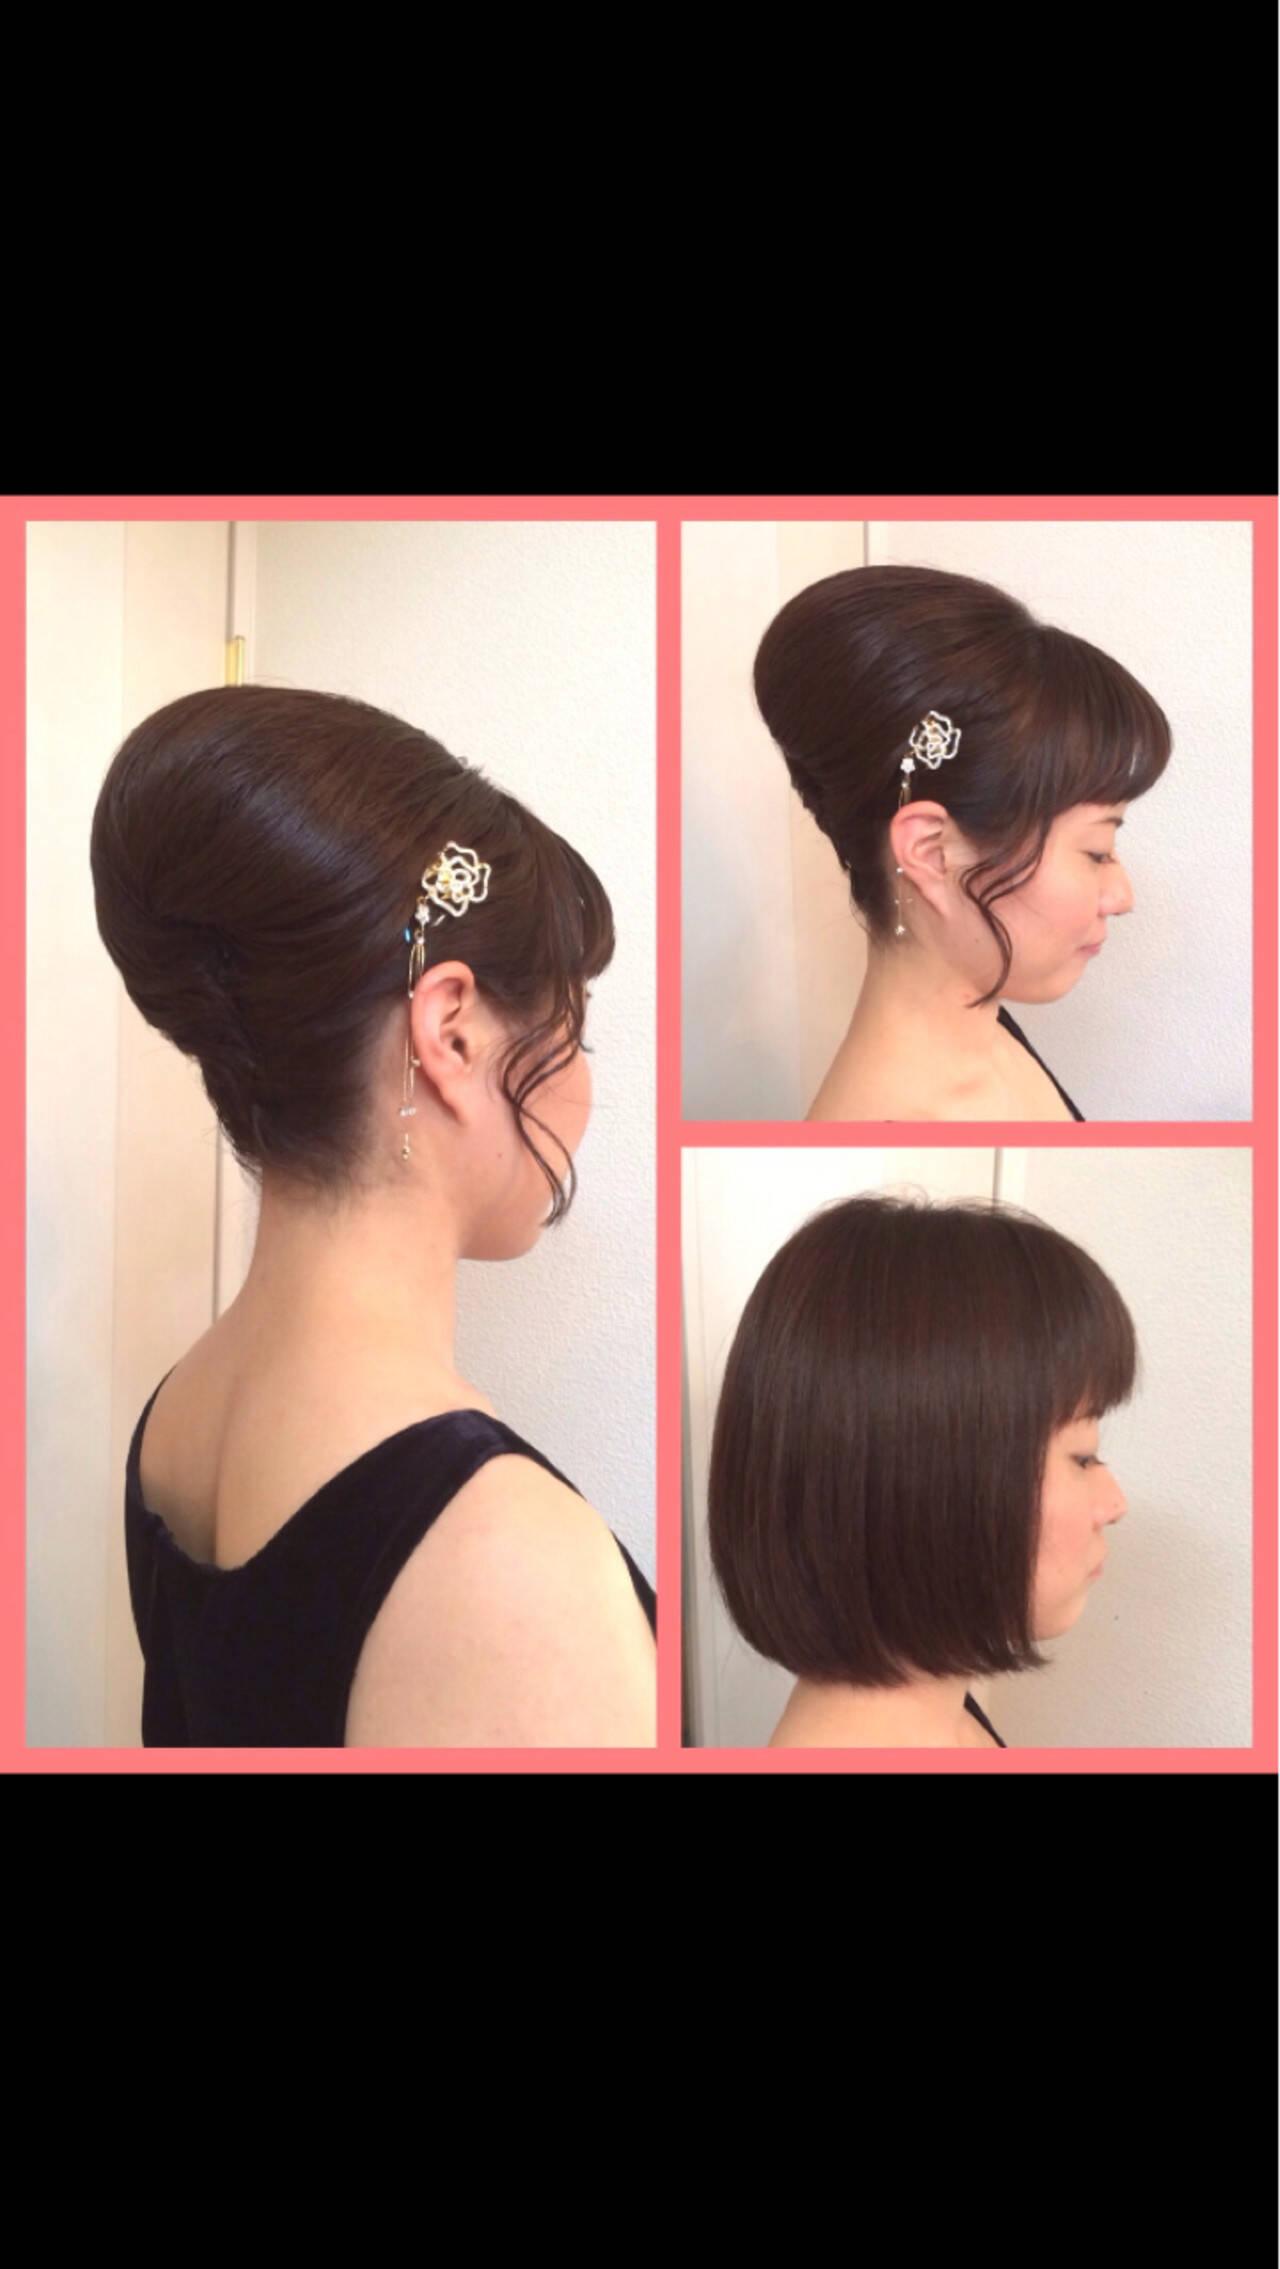 アップスタイル 和装 パーティ 結婚式ヘアスタイルや髪型の写真・画像